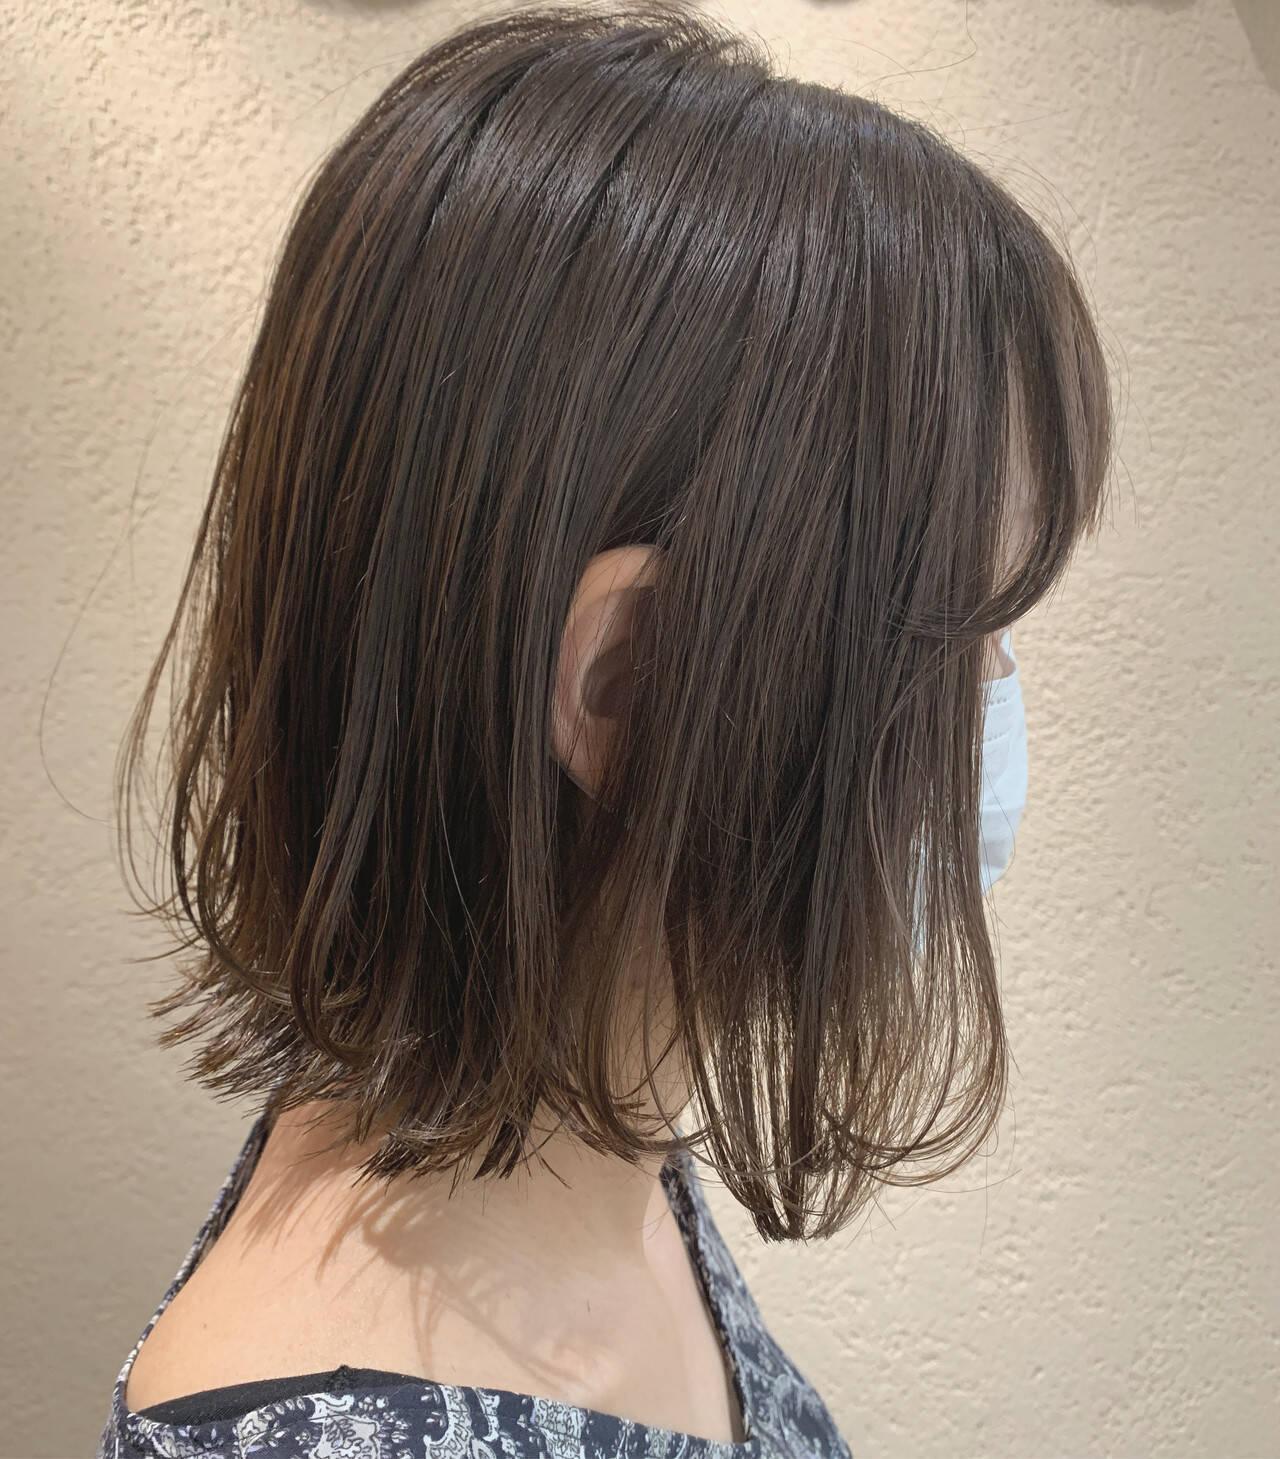 オリーブベージュ オリーブグレージュ ミニボブ ナチュラルヘアスタイルや髪型の写真・画像